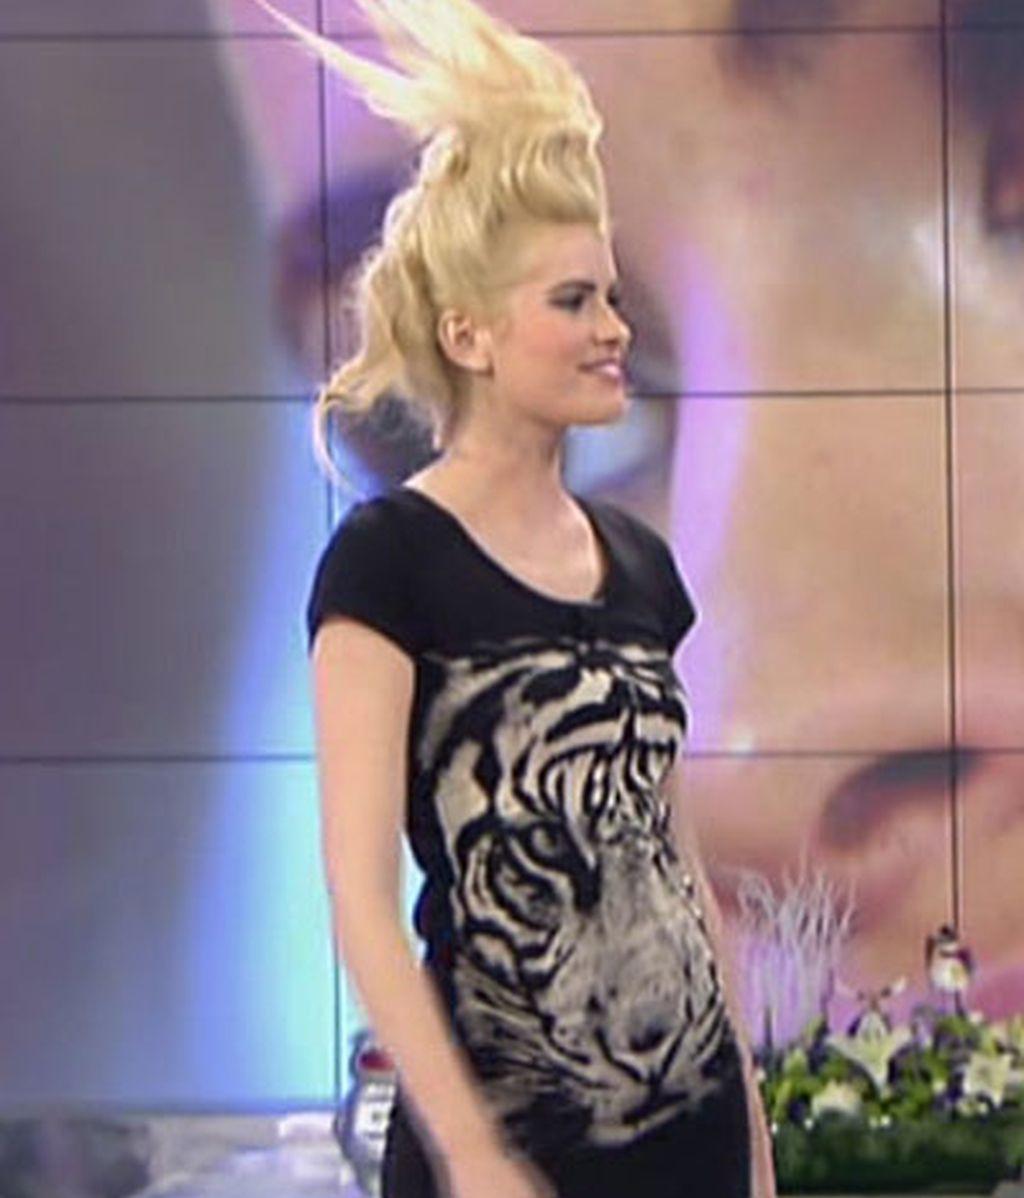 Adriana y su estrambótico peinado